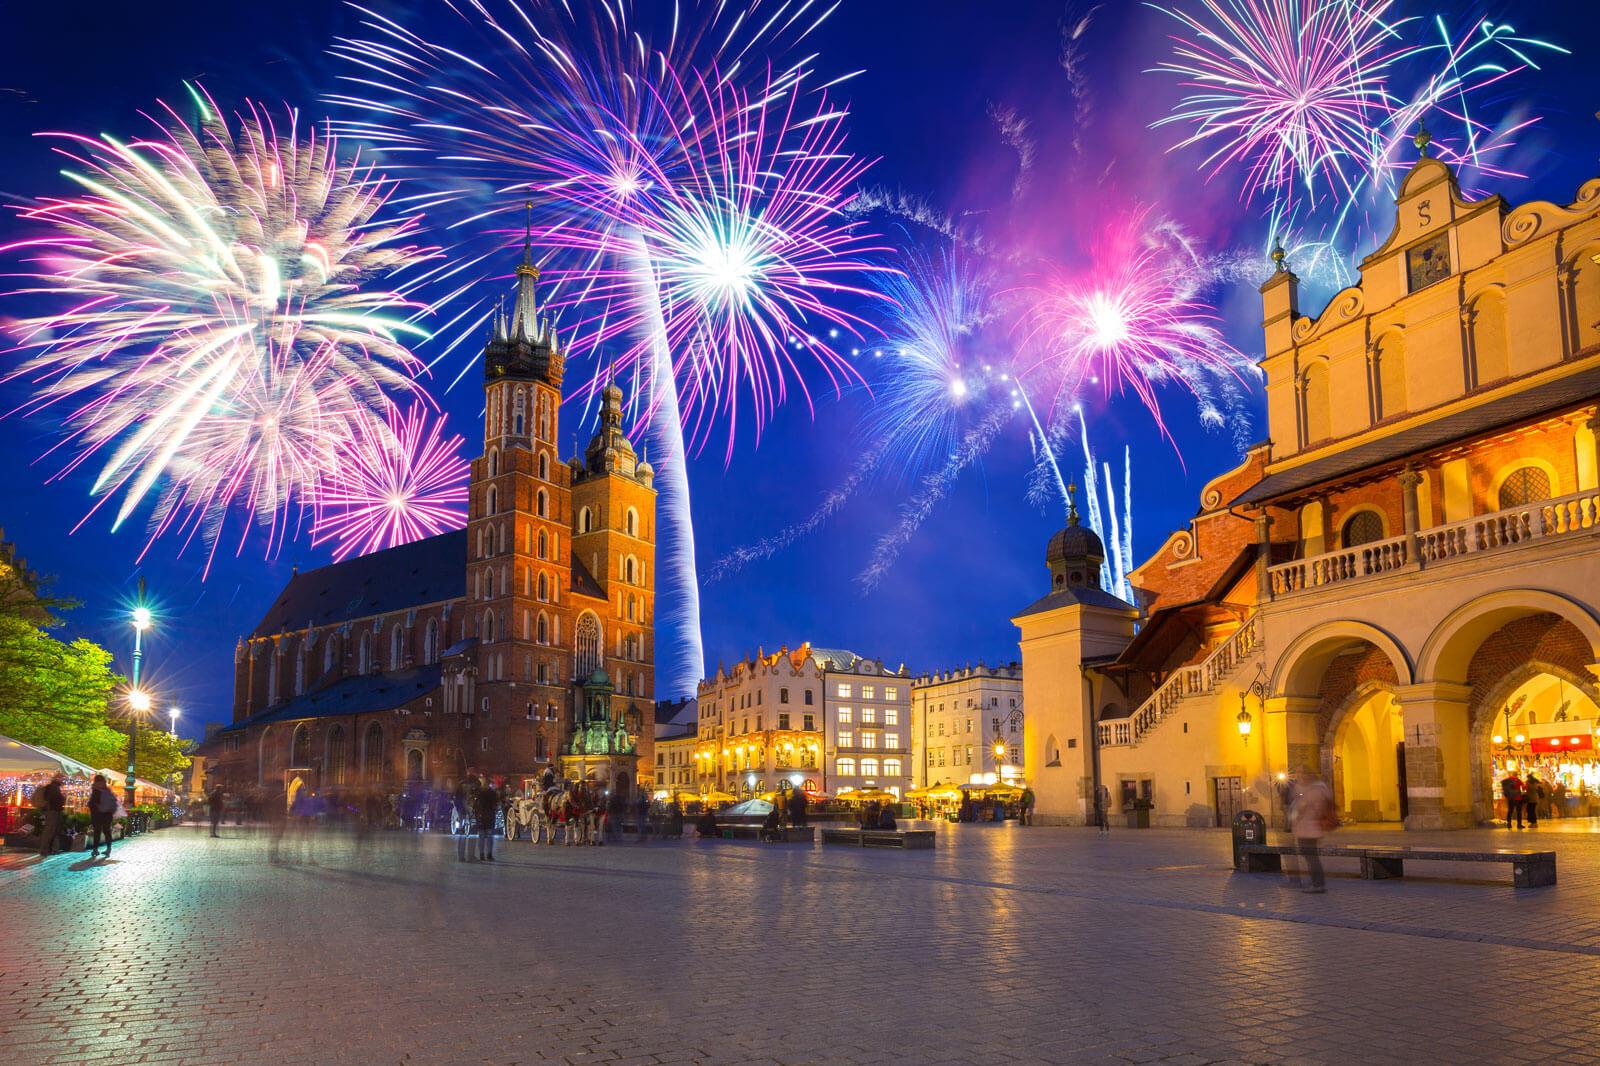 2021/01/Nova-godina-Krakow-6.jpg